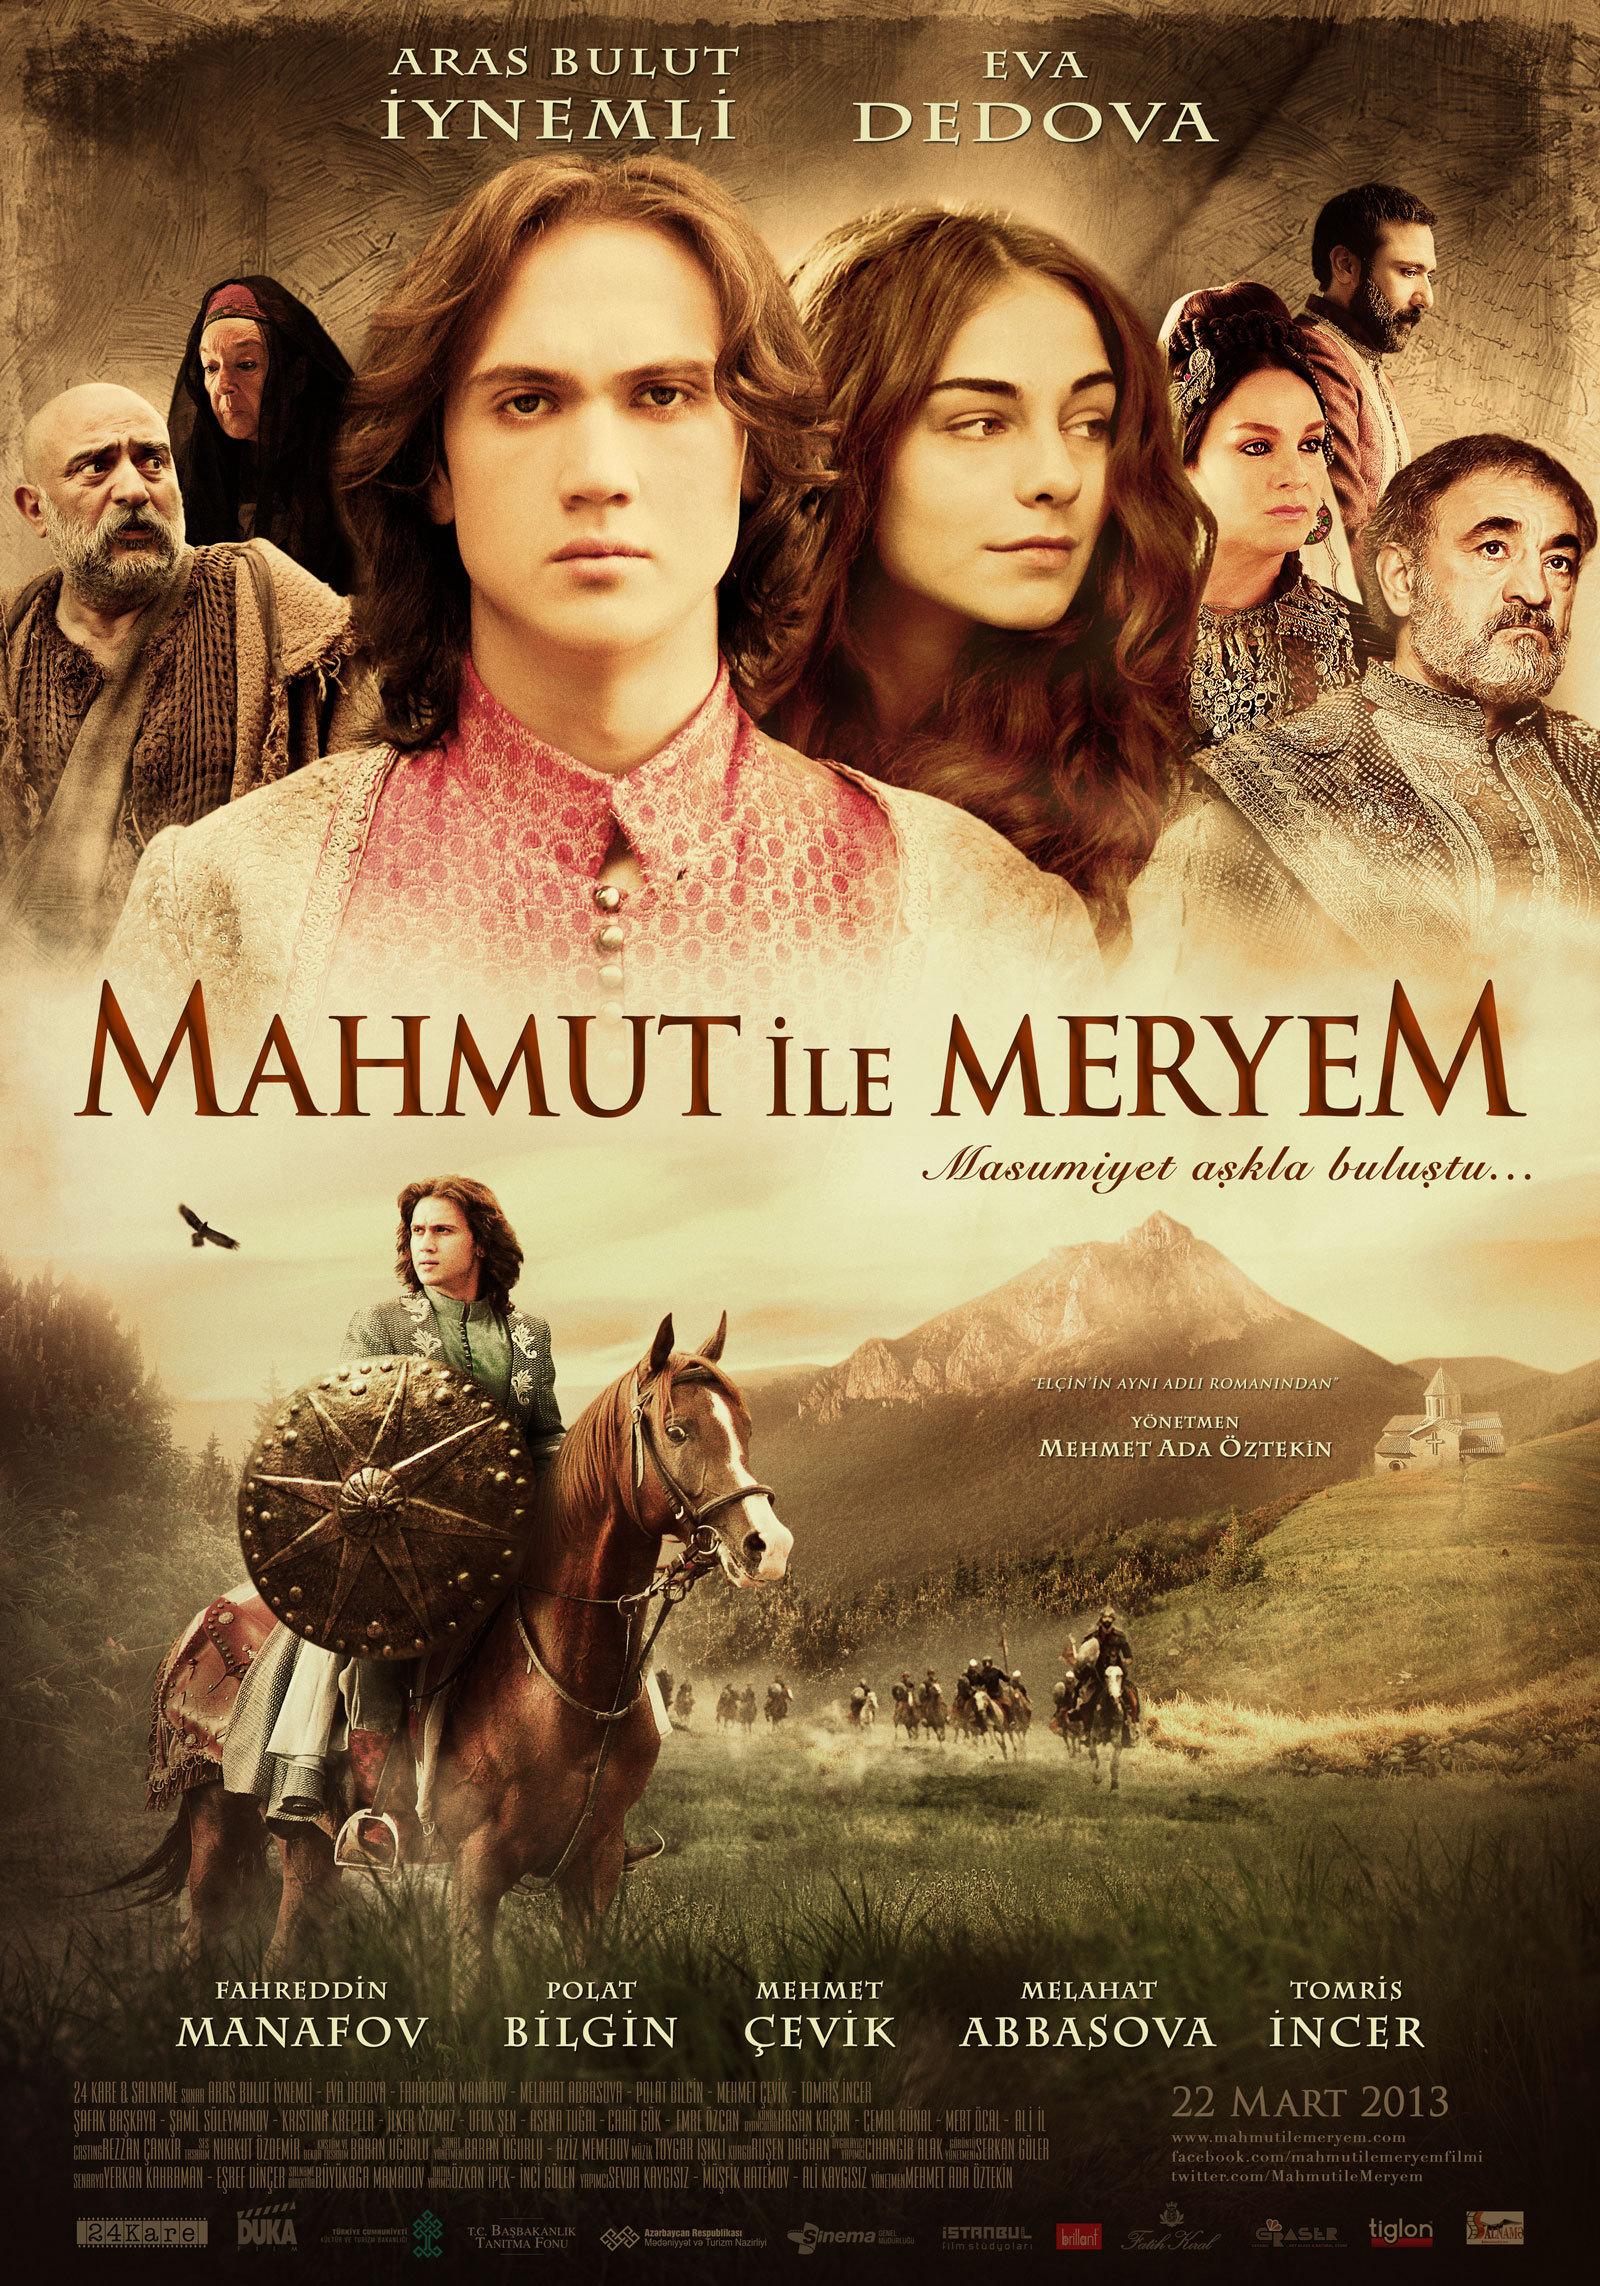 Mahmut ile Meryem (2013) - IMDb